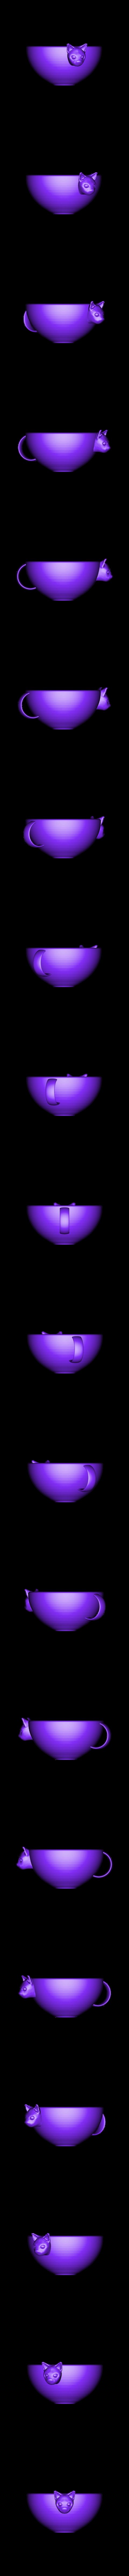 003.obj Télécharger fichier OBJ gratuit KittyKup • Design pour imprimante 3D, DataDink